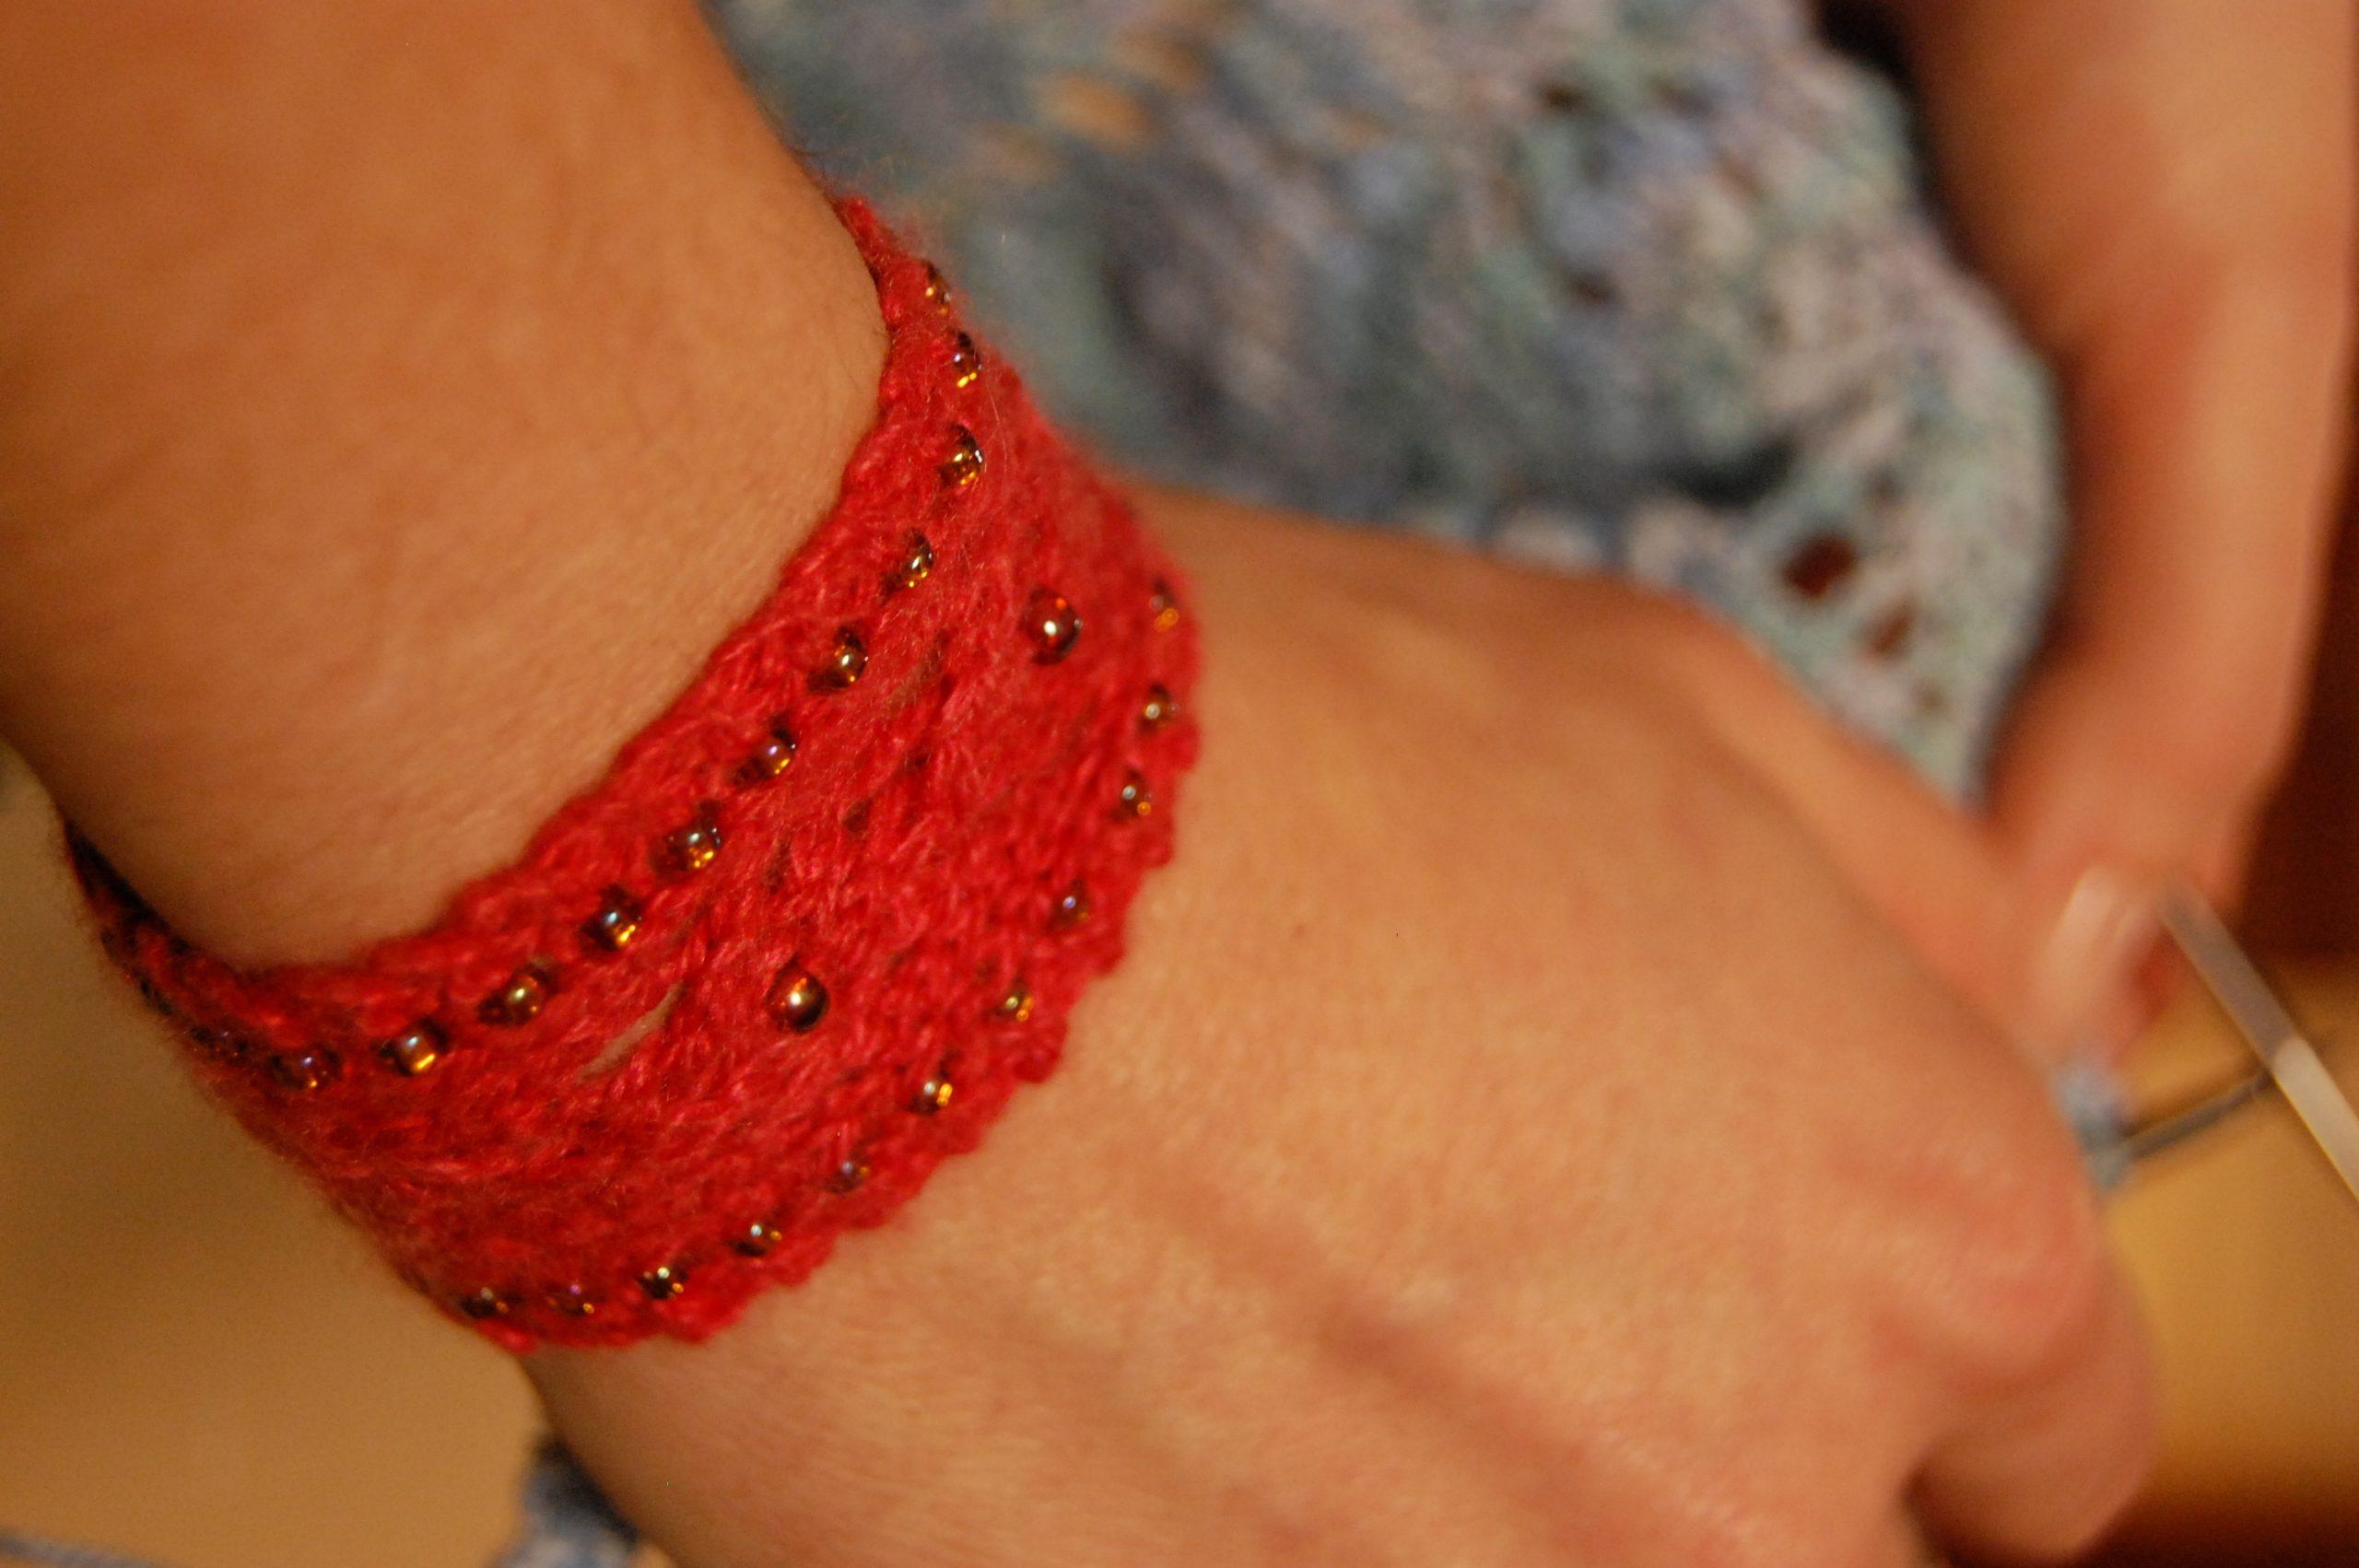 Red wrist cuff